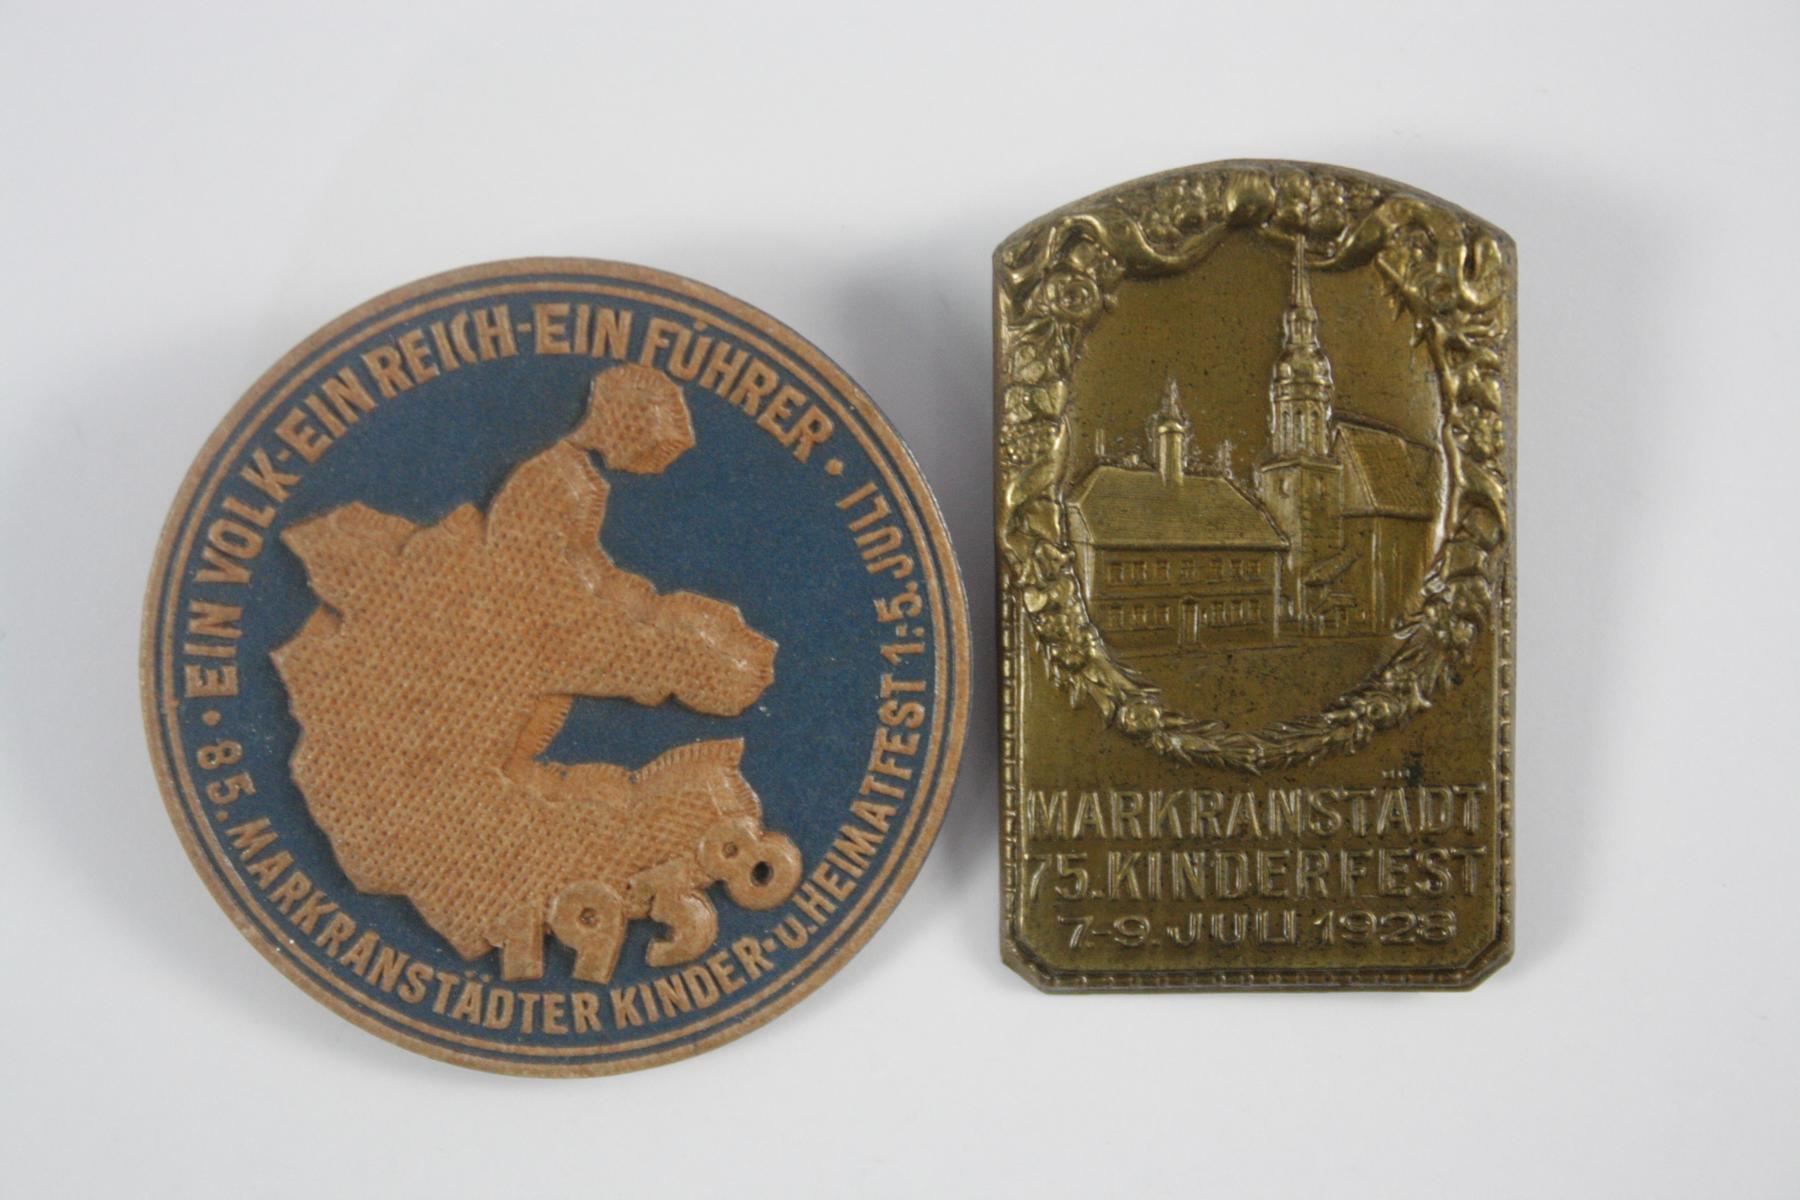 2 Abzeichen: Markränstädter Kinder- und Heimatfest 1928 und 1938